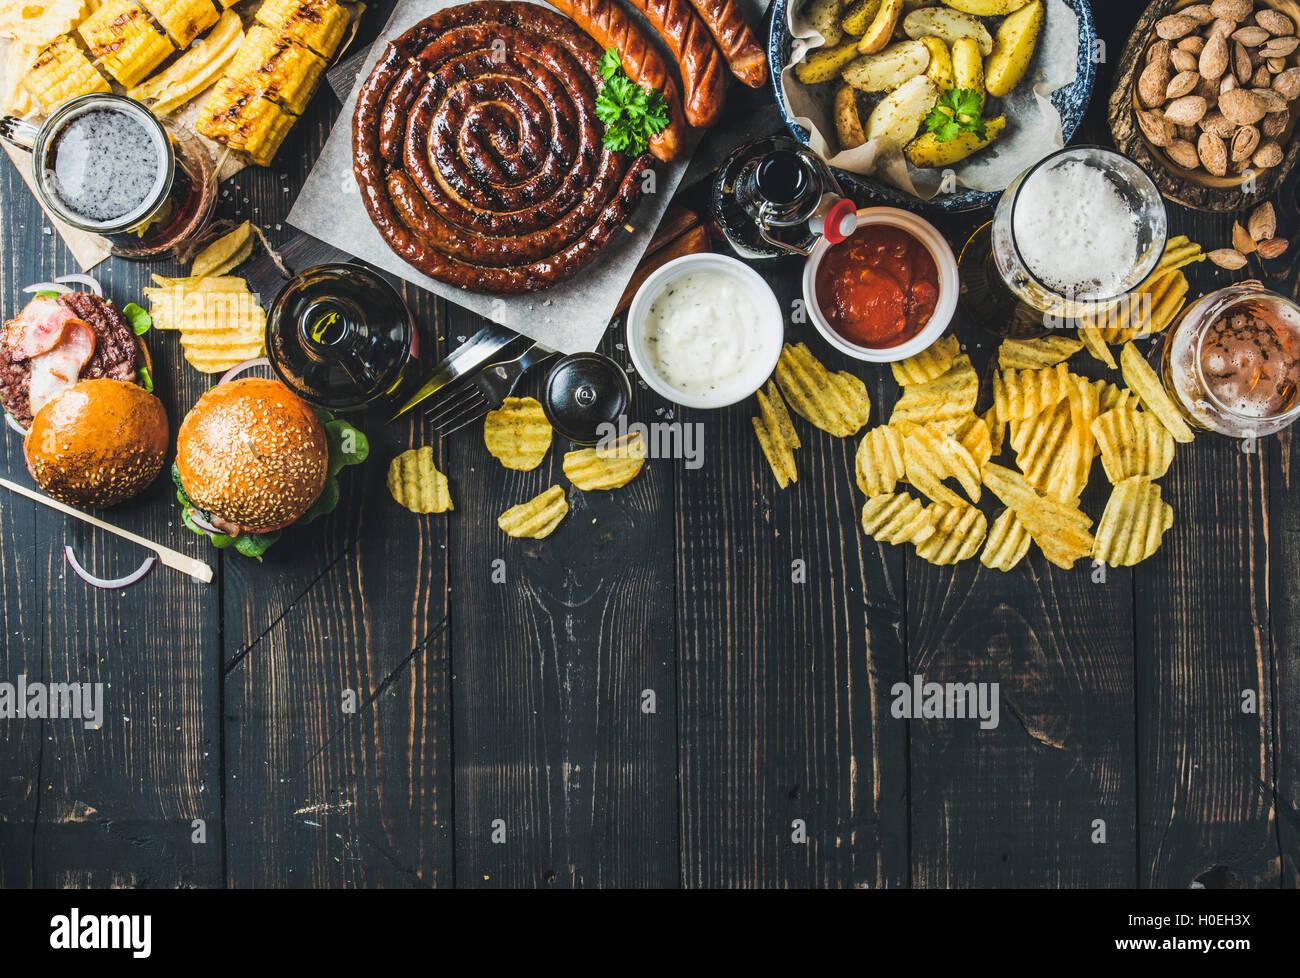 Birra e snack set. Oktoberfest cibo concetto di frame. Vatiety di birre, salsicce alla griglia, hamburger, mais, Immagini Stock